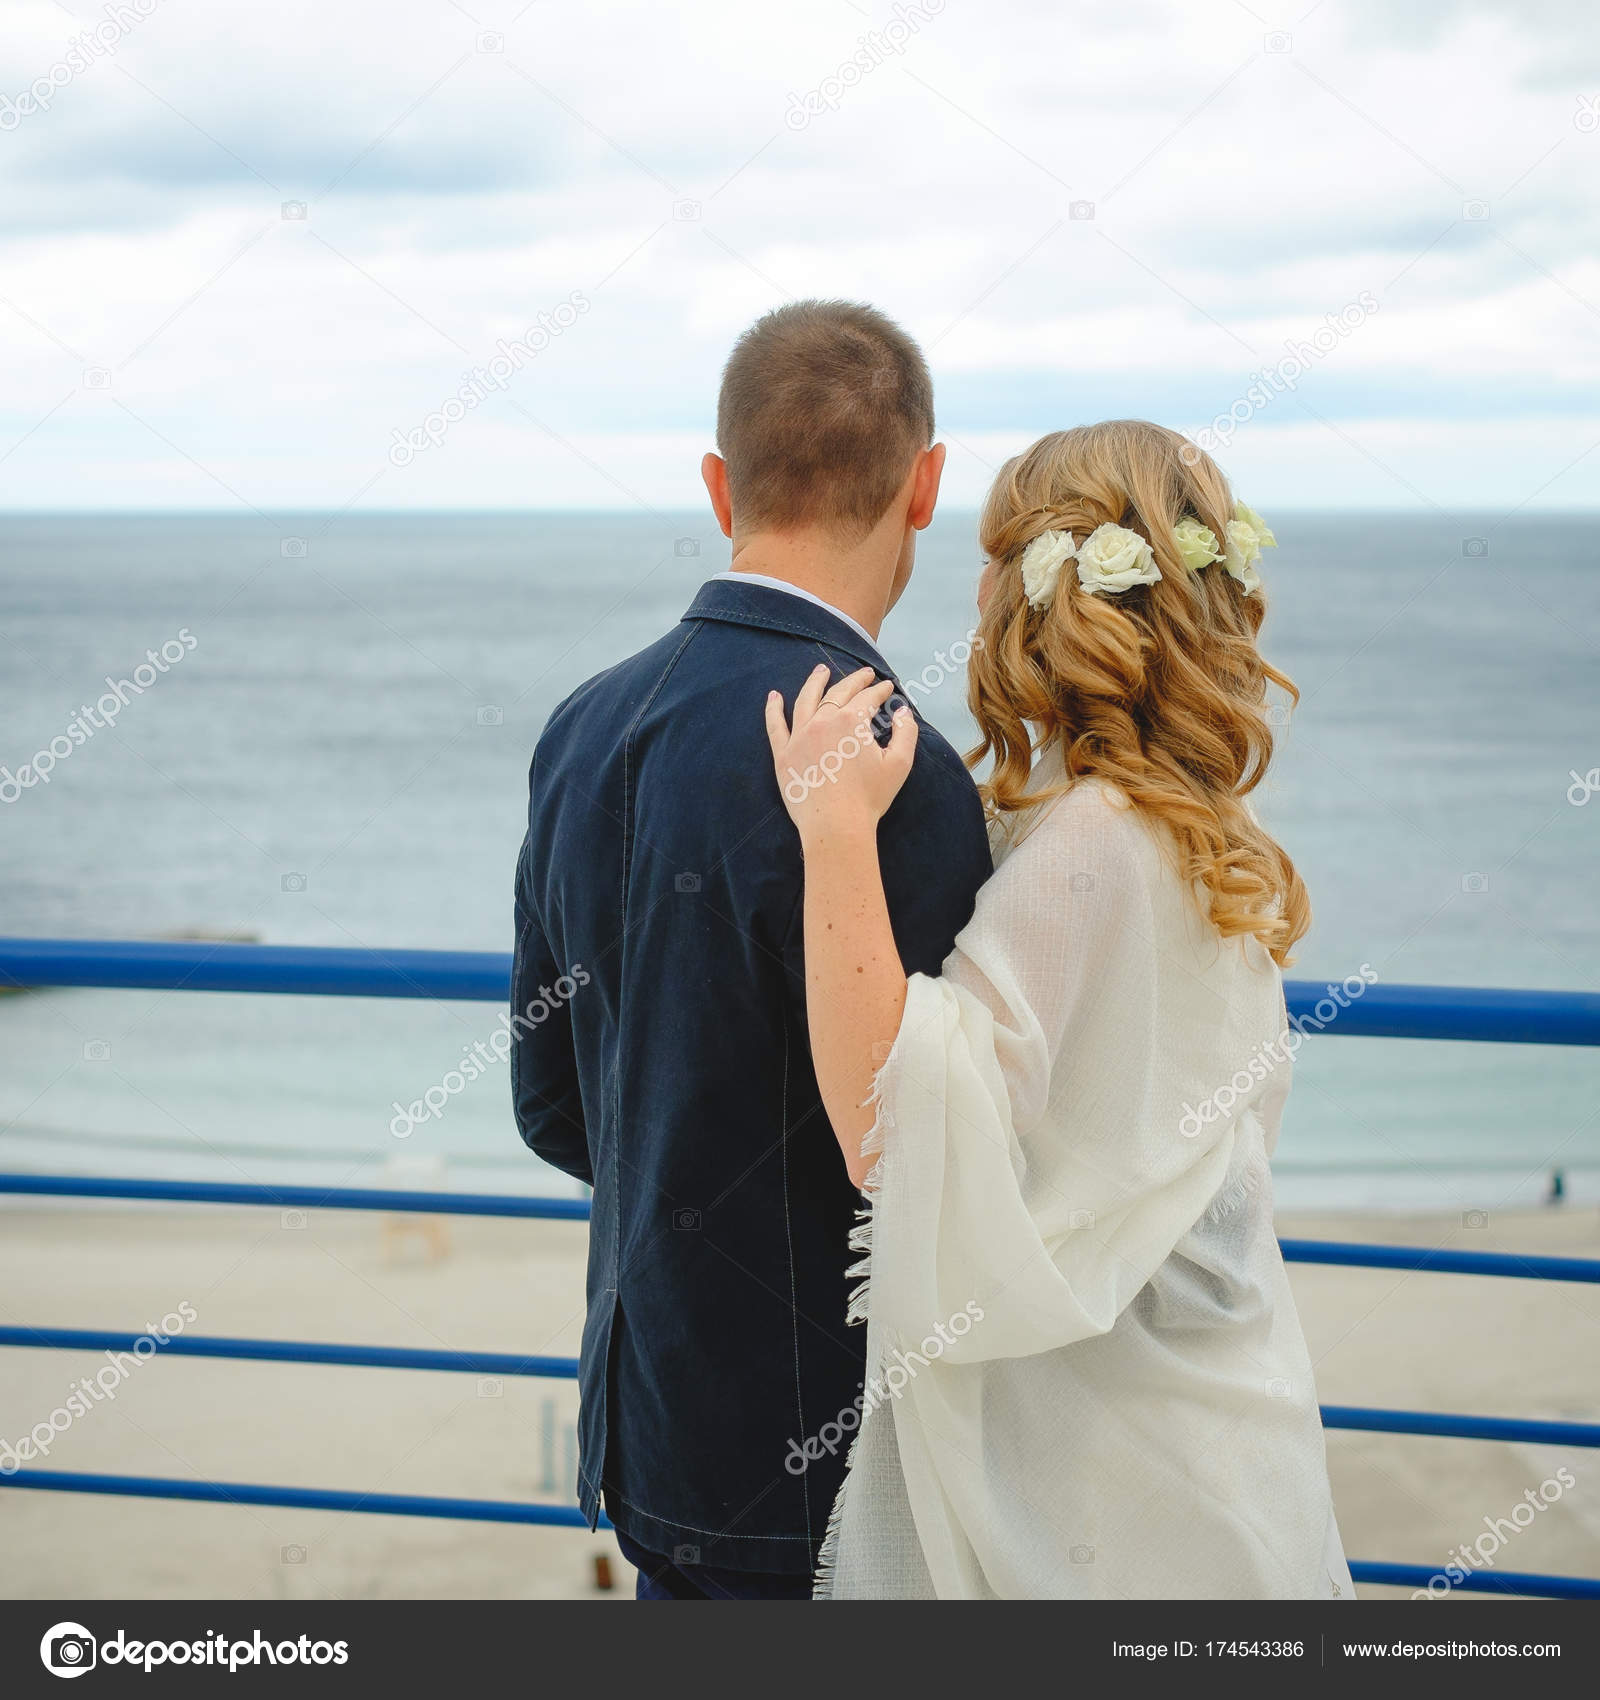 c3ba43d506a7 Ζευγάρι στην αγάπη νεαρή νύφη και τον γαμπρό ντυμένος στα λευκά αγκάλιασμα  στο γκρεμό φόντο γαλάζιο στην ημέρα του γάμου τους– εικόνα αρχείου